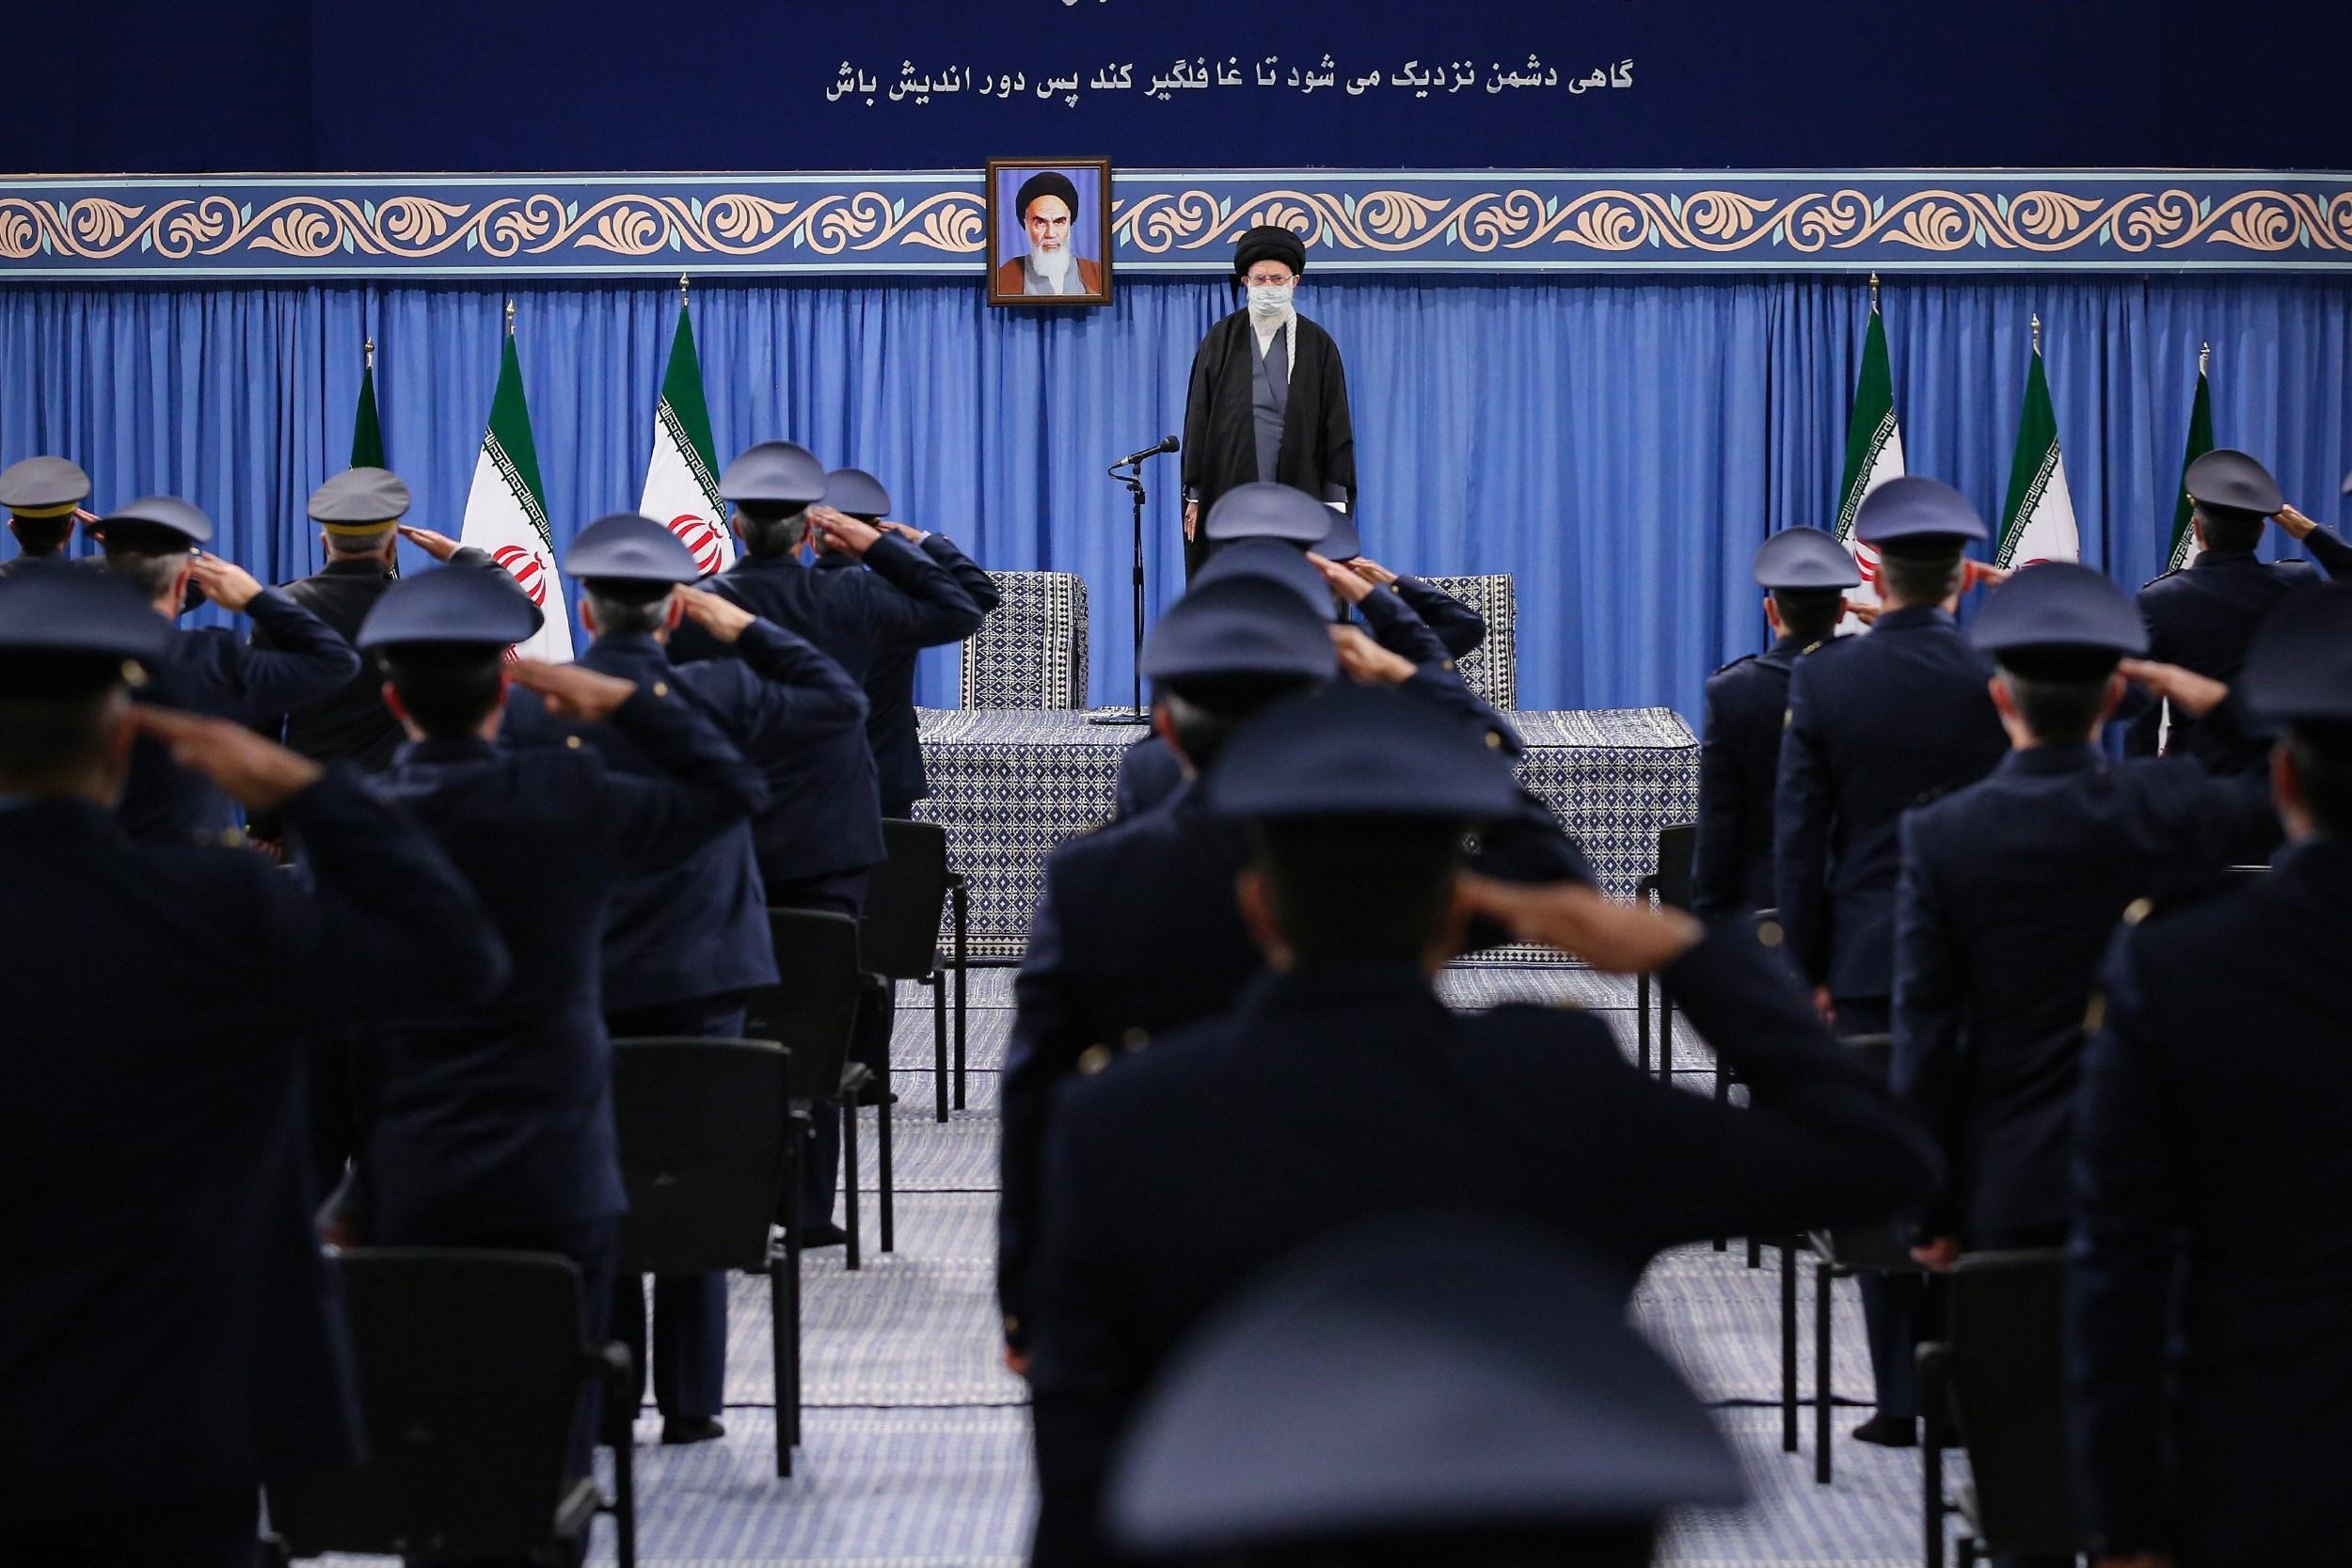 المرشد الإيراني خلال لقائه مع عدد من قادة وضبّاط القوّة الجويّة والدّفاع الجويّ